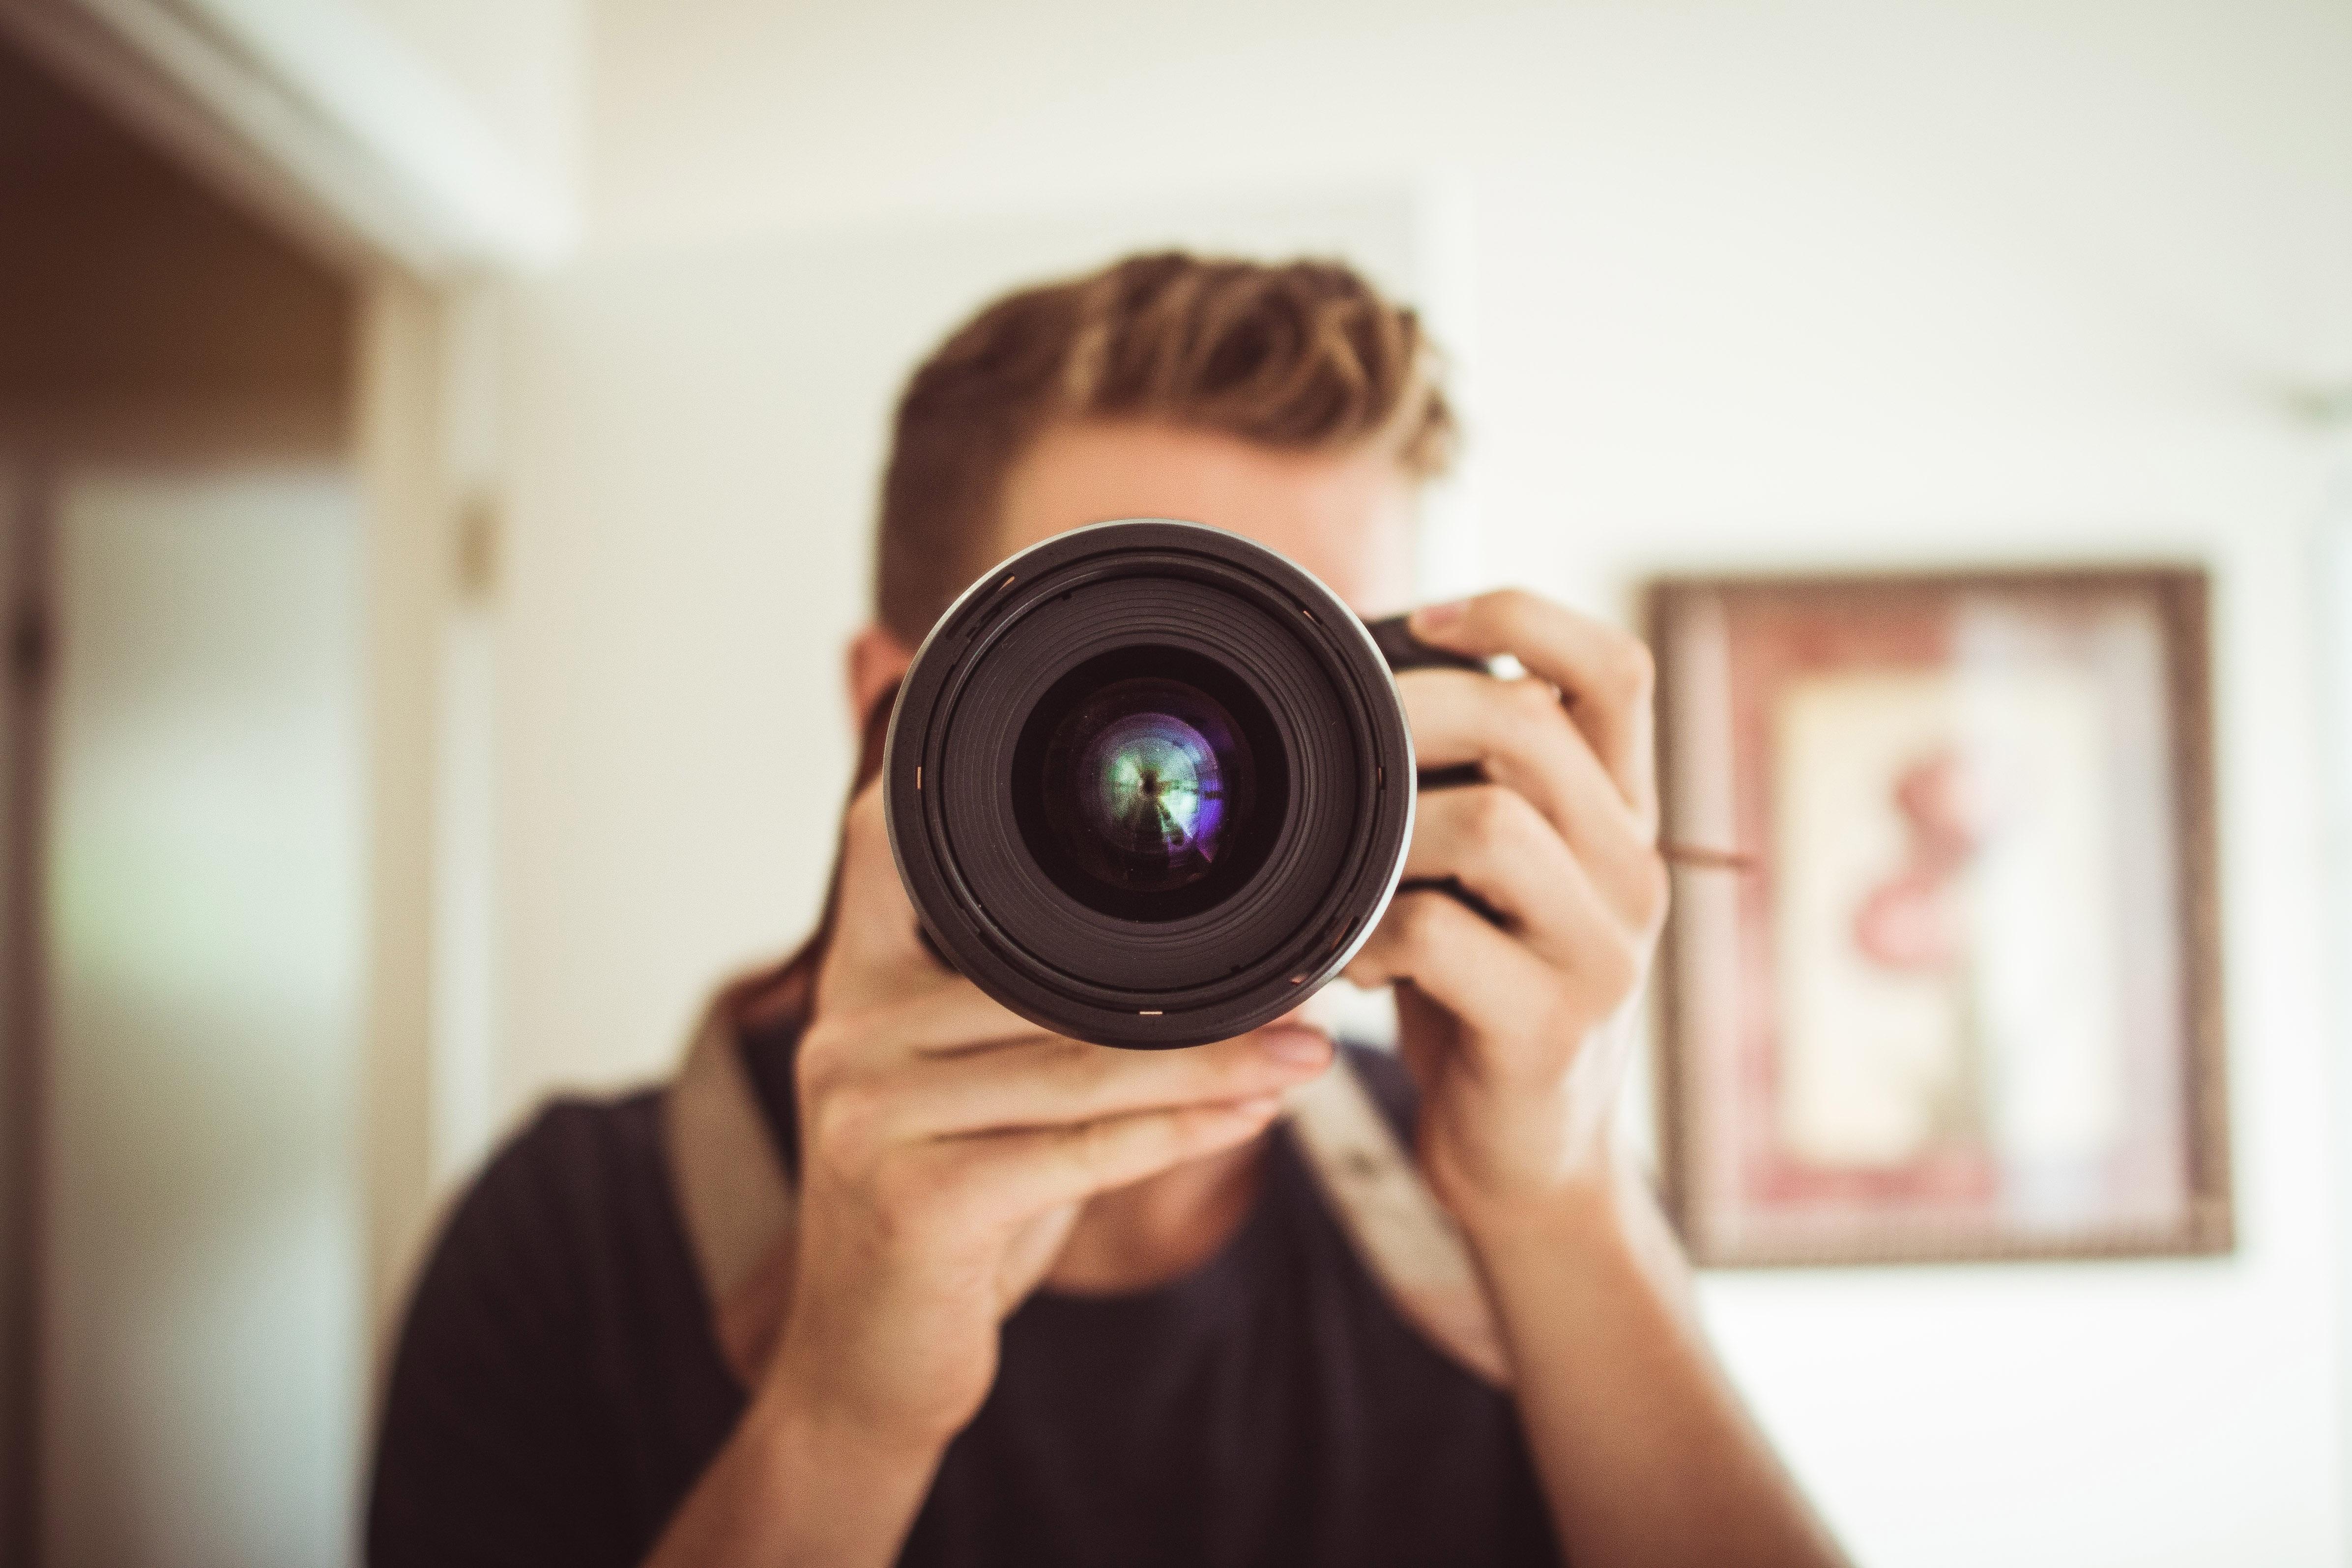 Взгляд через фотоаппарат